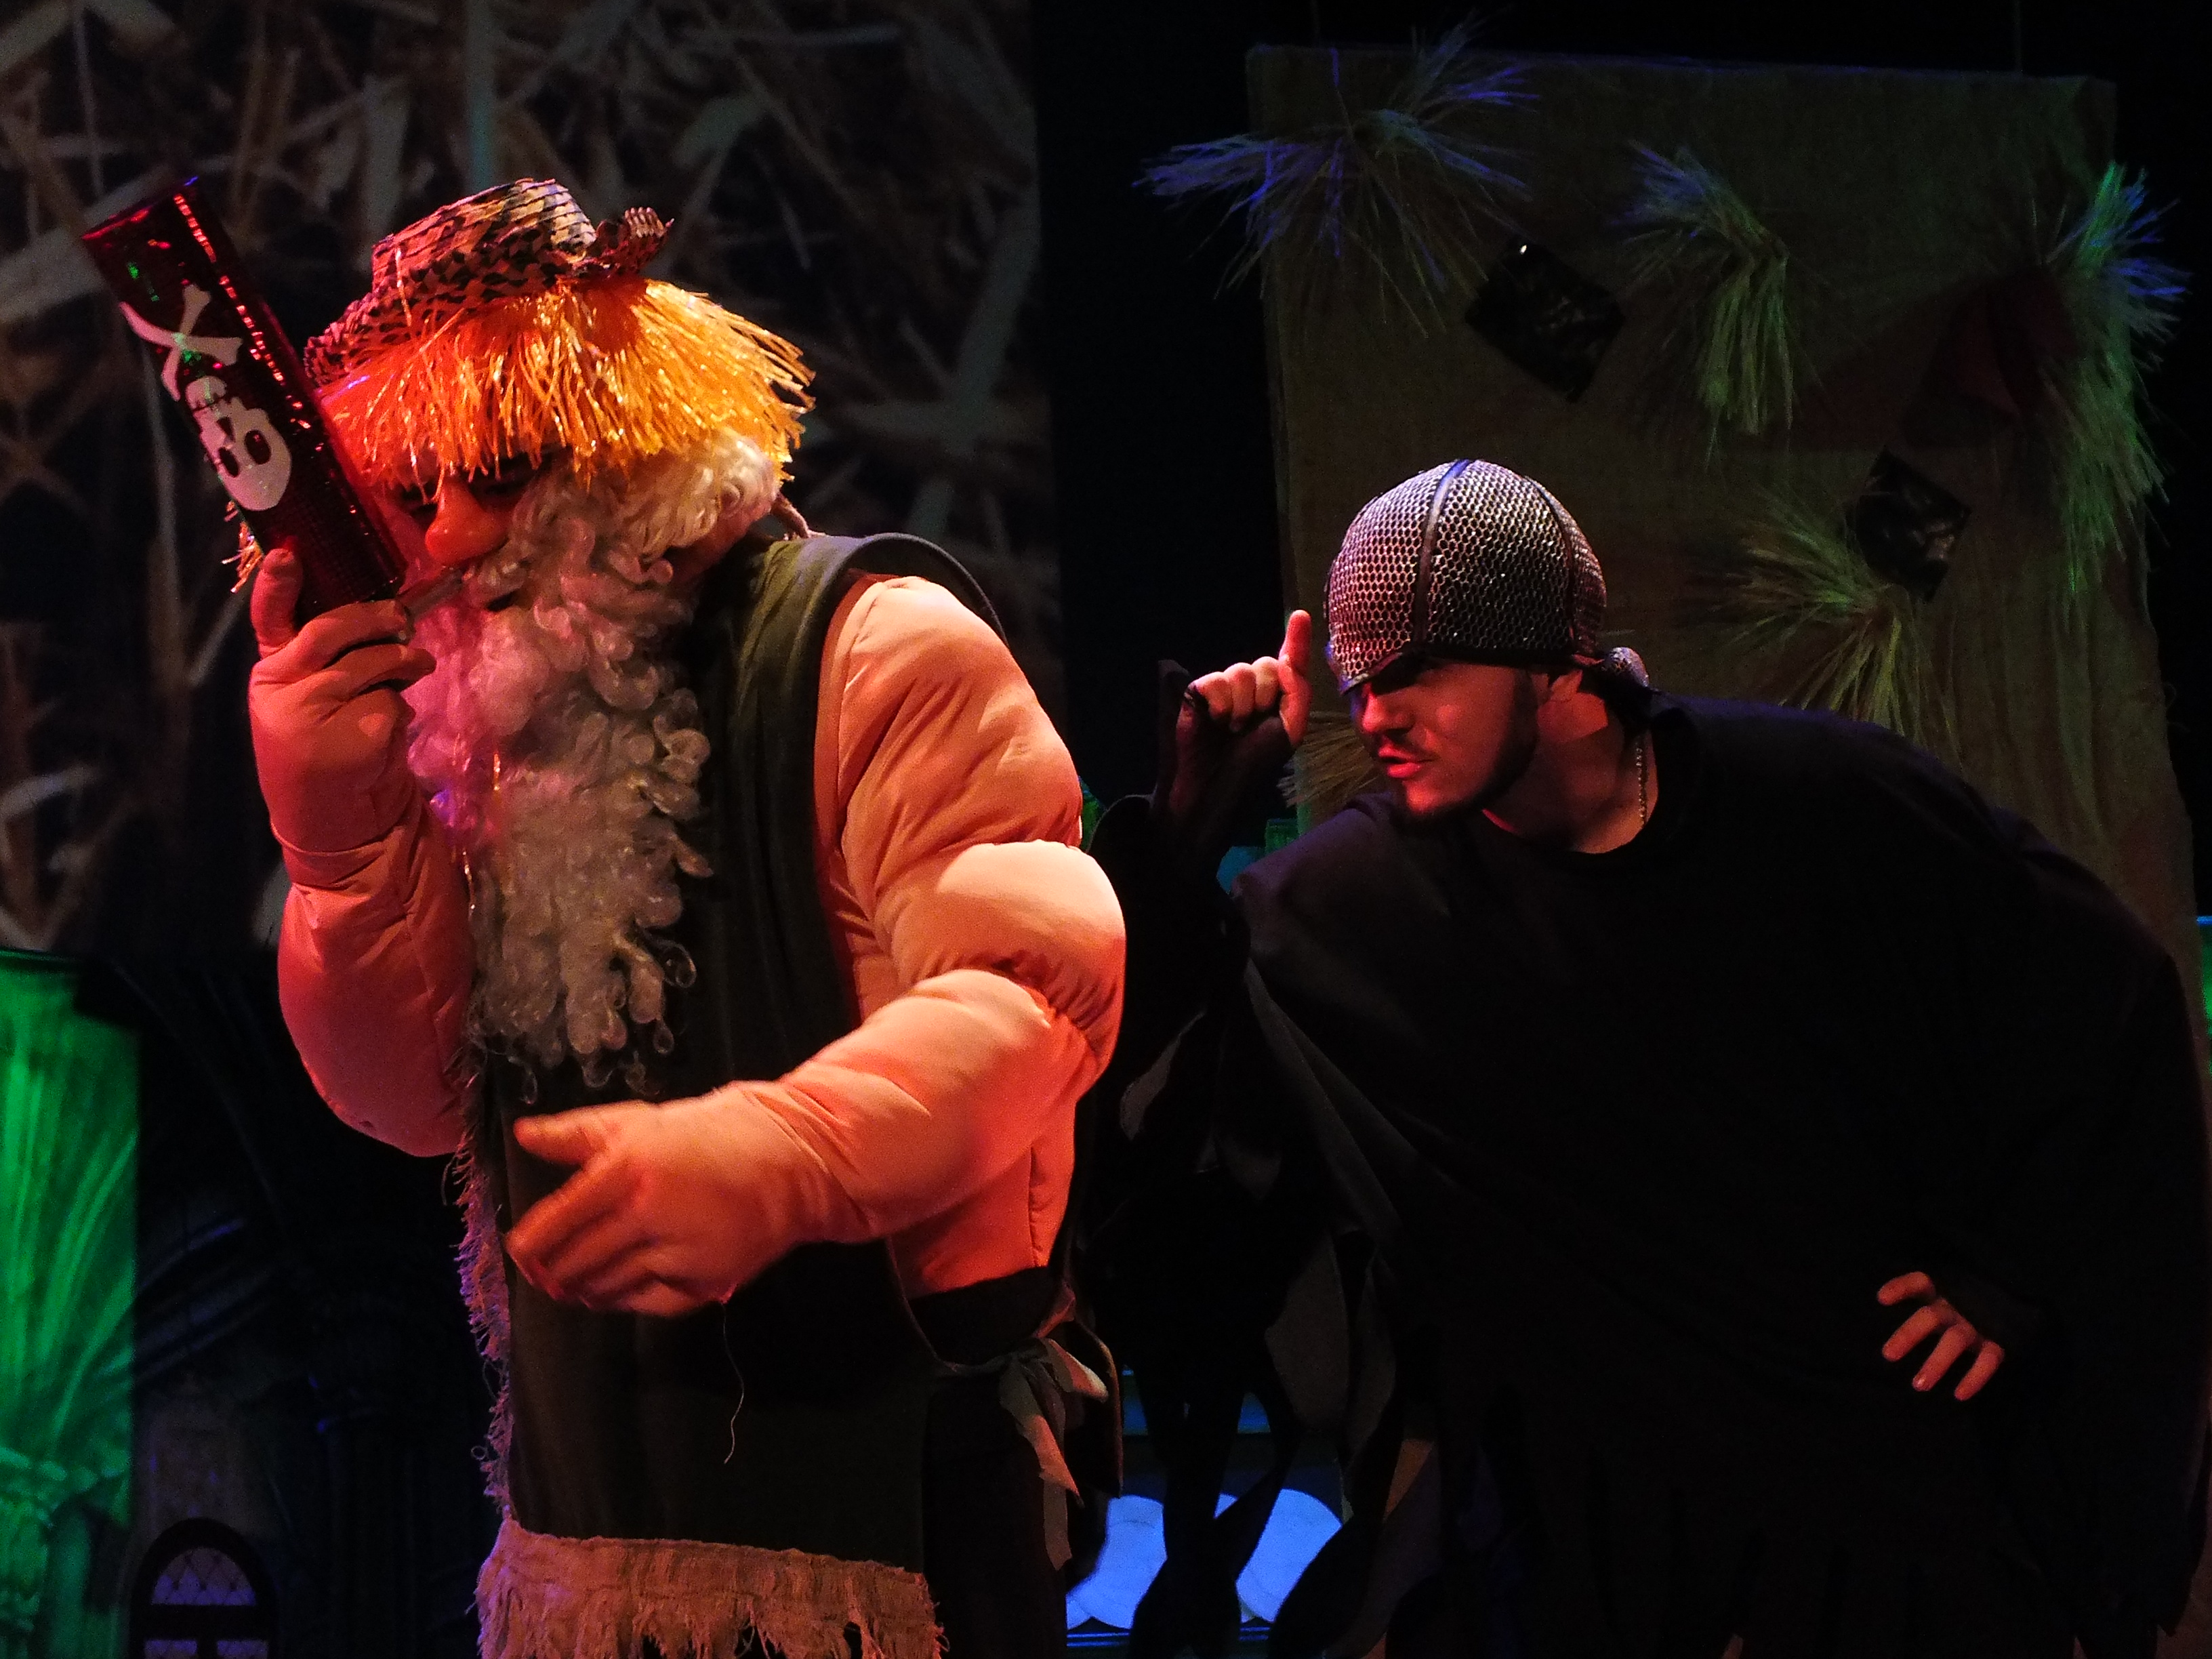 По многочисленным просьбам наших зрителей, сегодня состоялся показ сказки «Новогодний ремикс в Изумрудном городе».